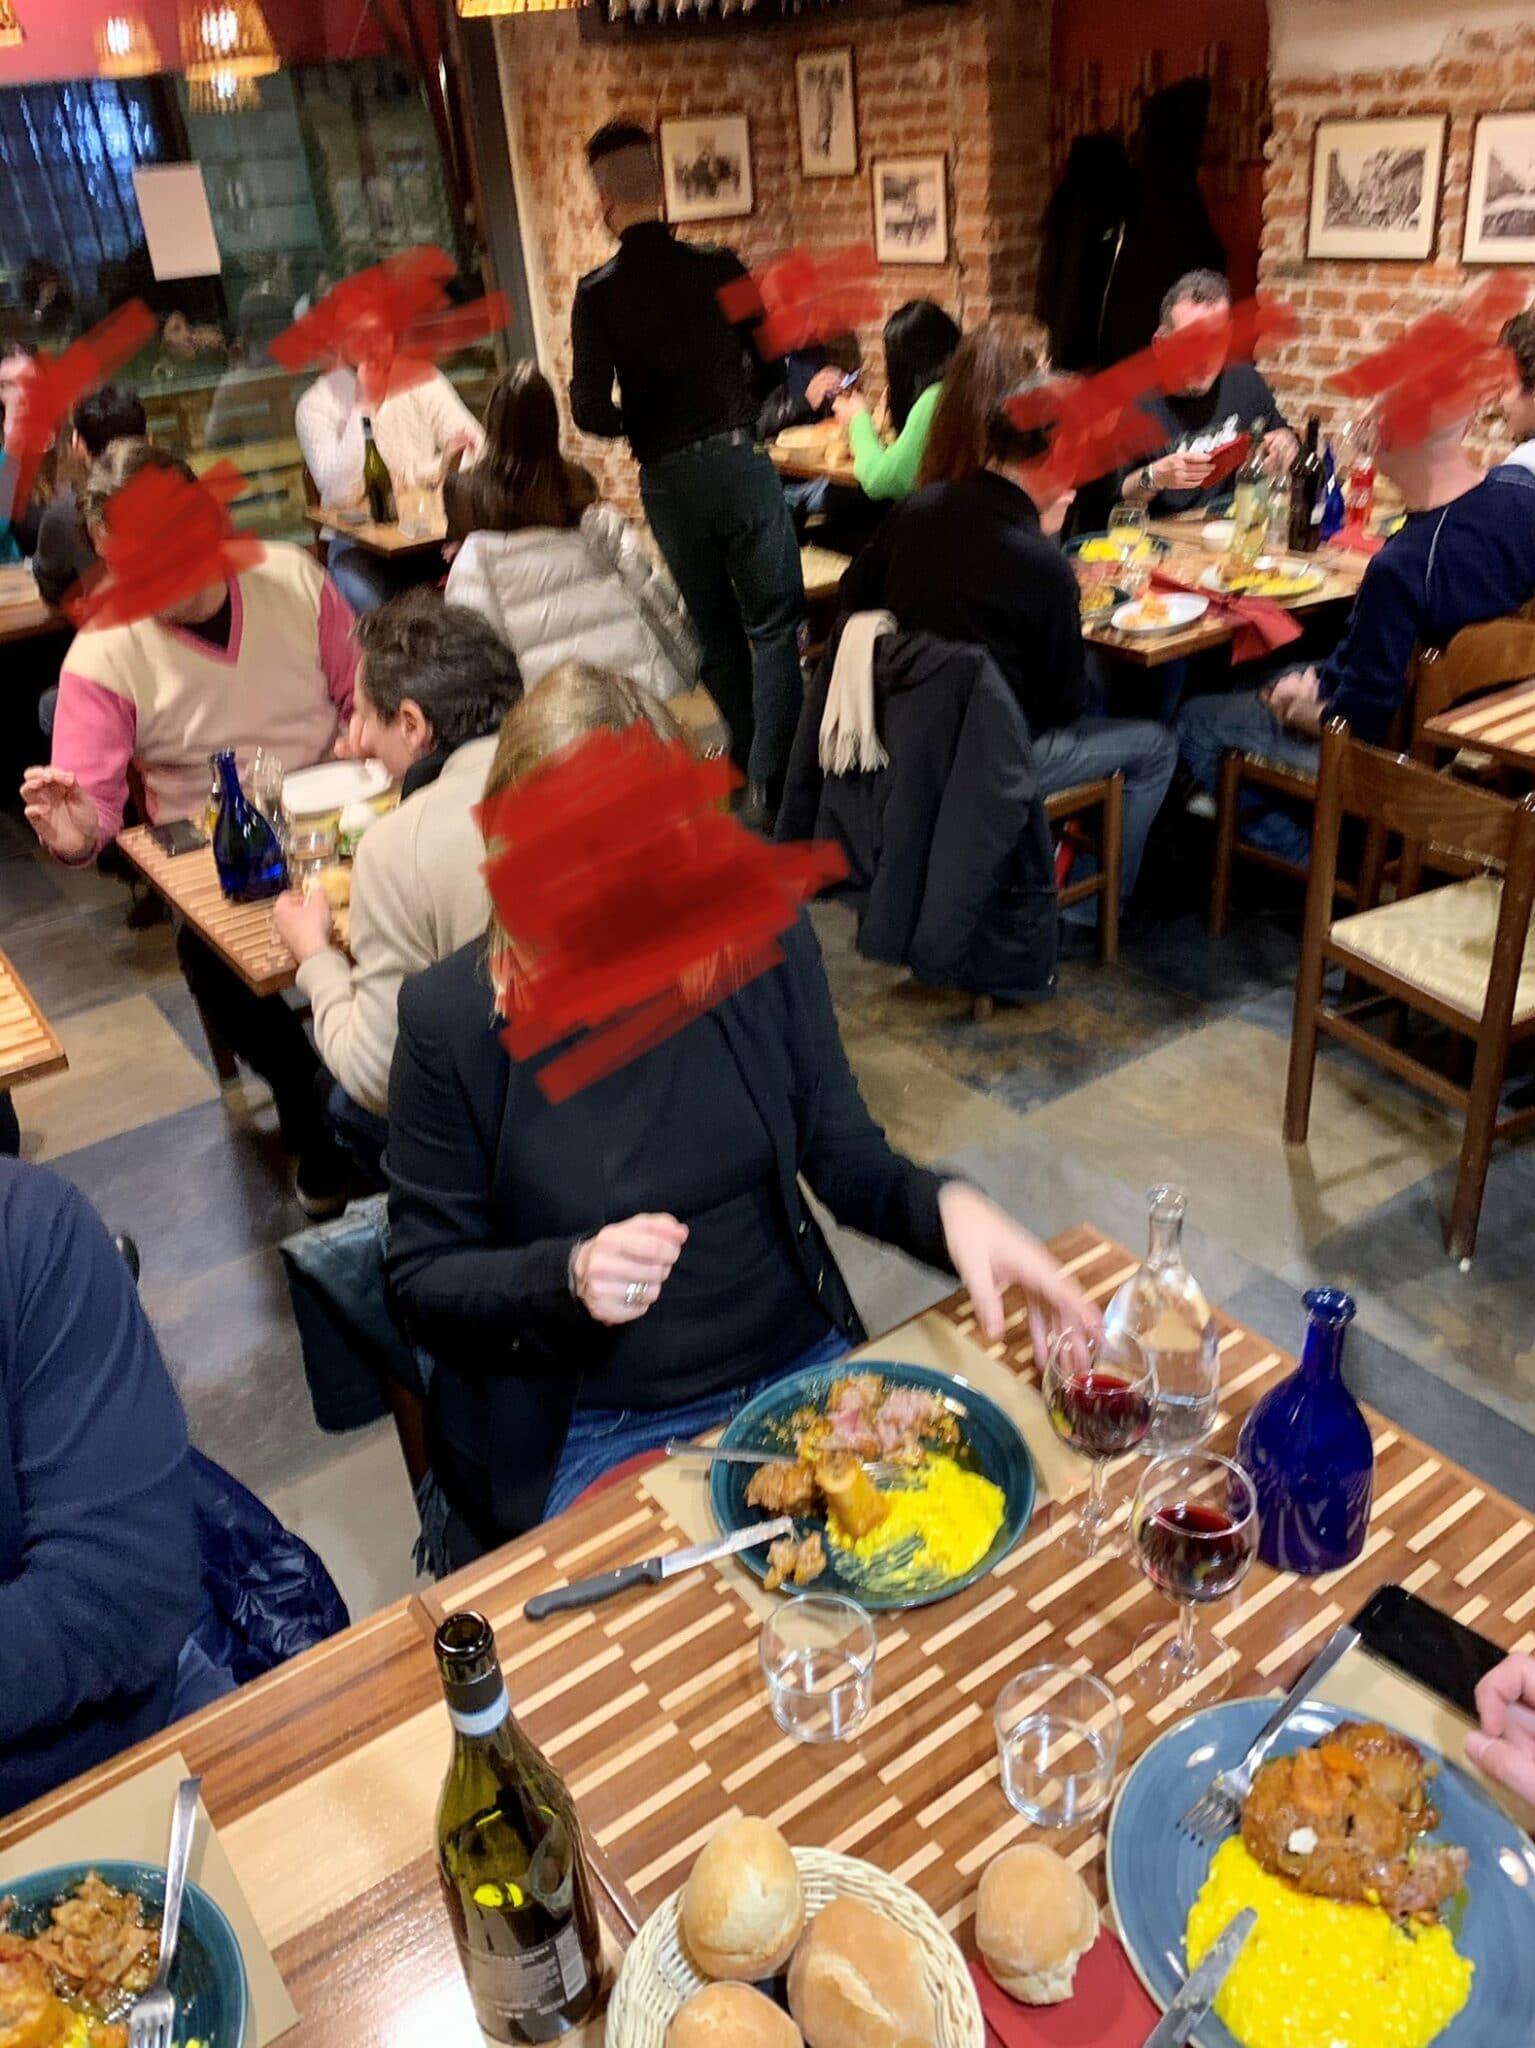 Cronaca di una cena in uno dei ristoranti aperti nonostante i divieti